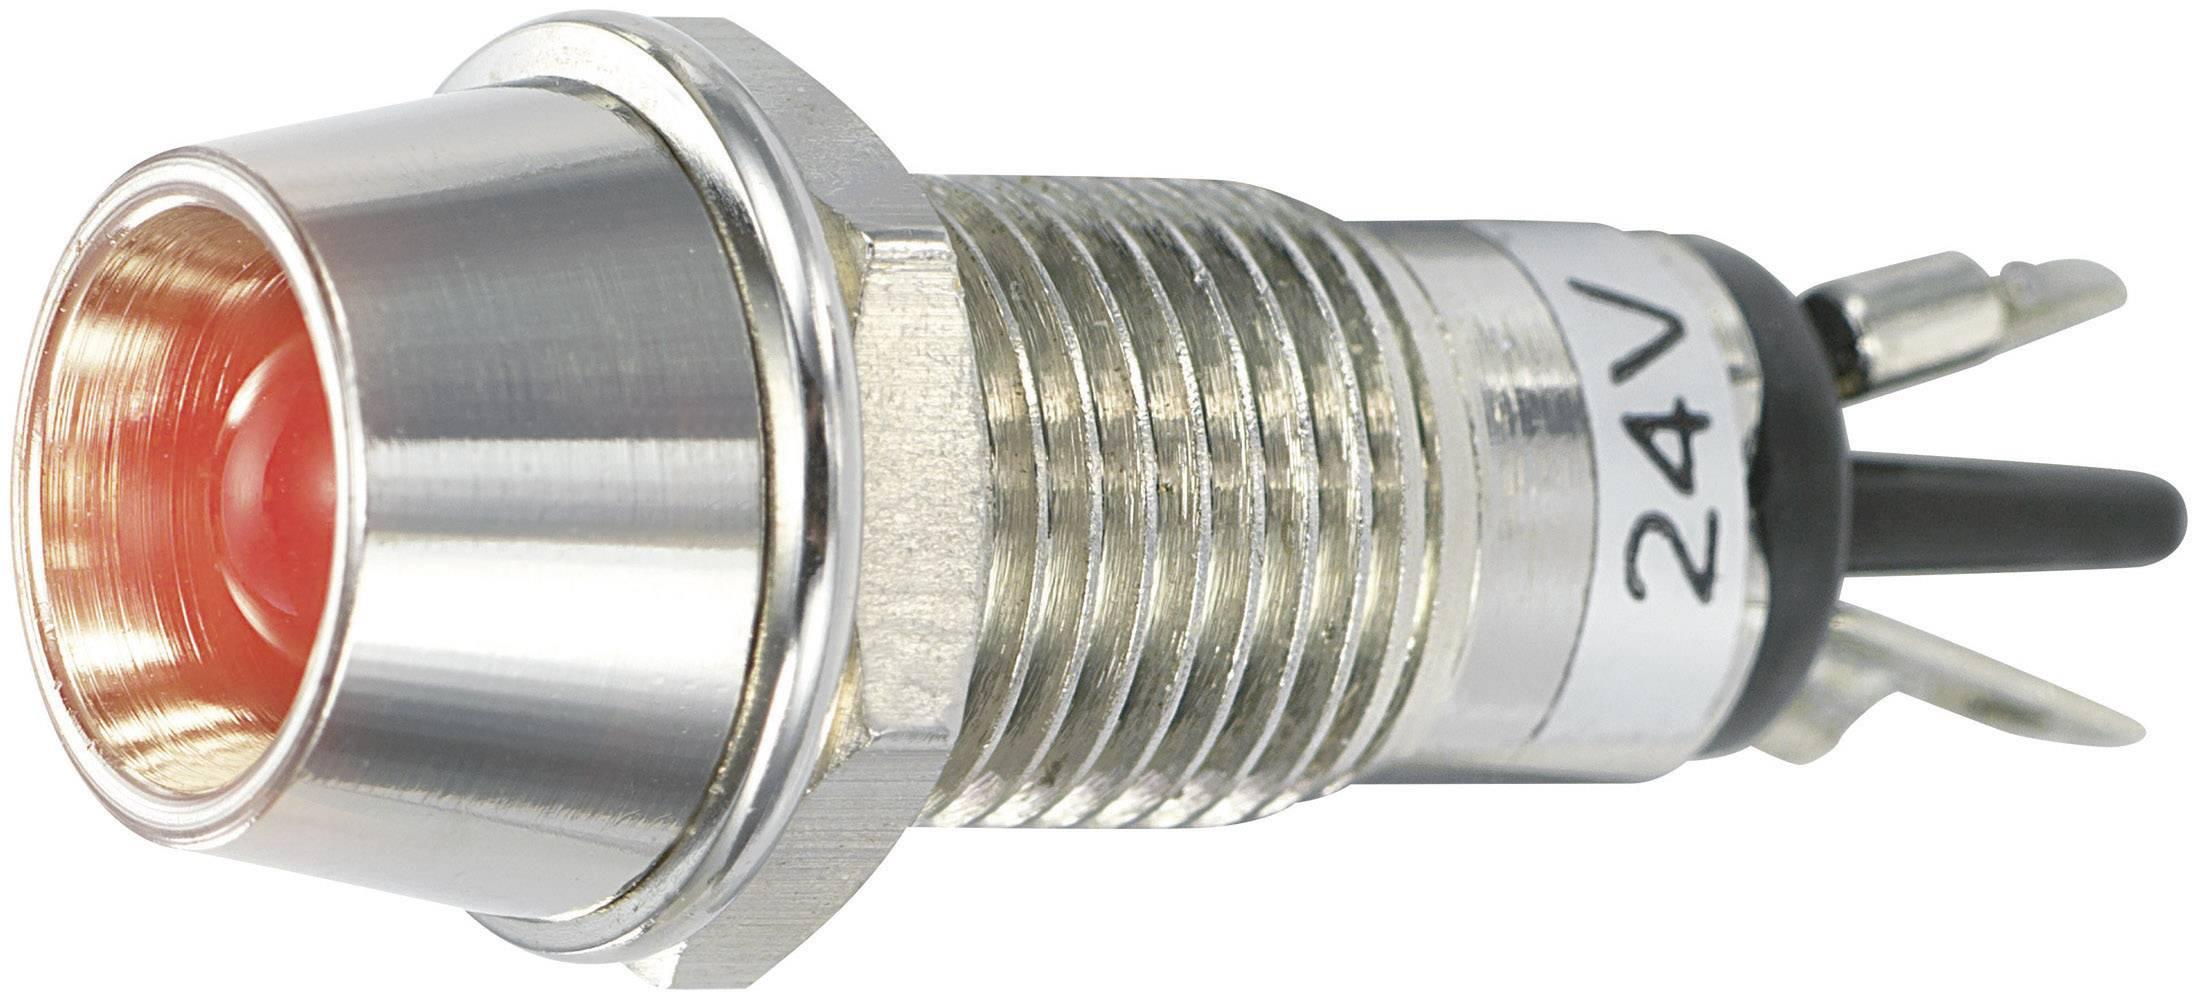 LED signálka SCI R9-115L 24 V RED, LED vnitřní reflektor 5 mm, 24 V/DC, červená